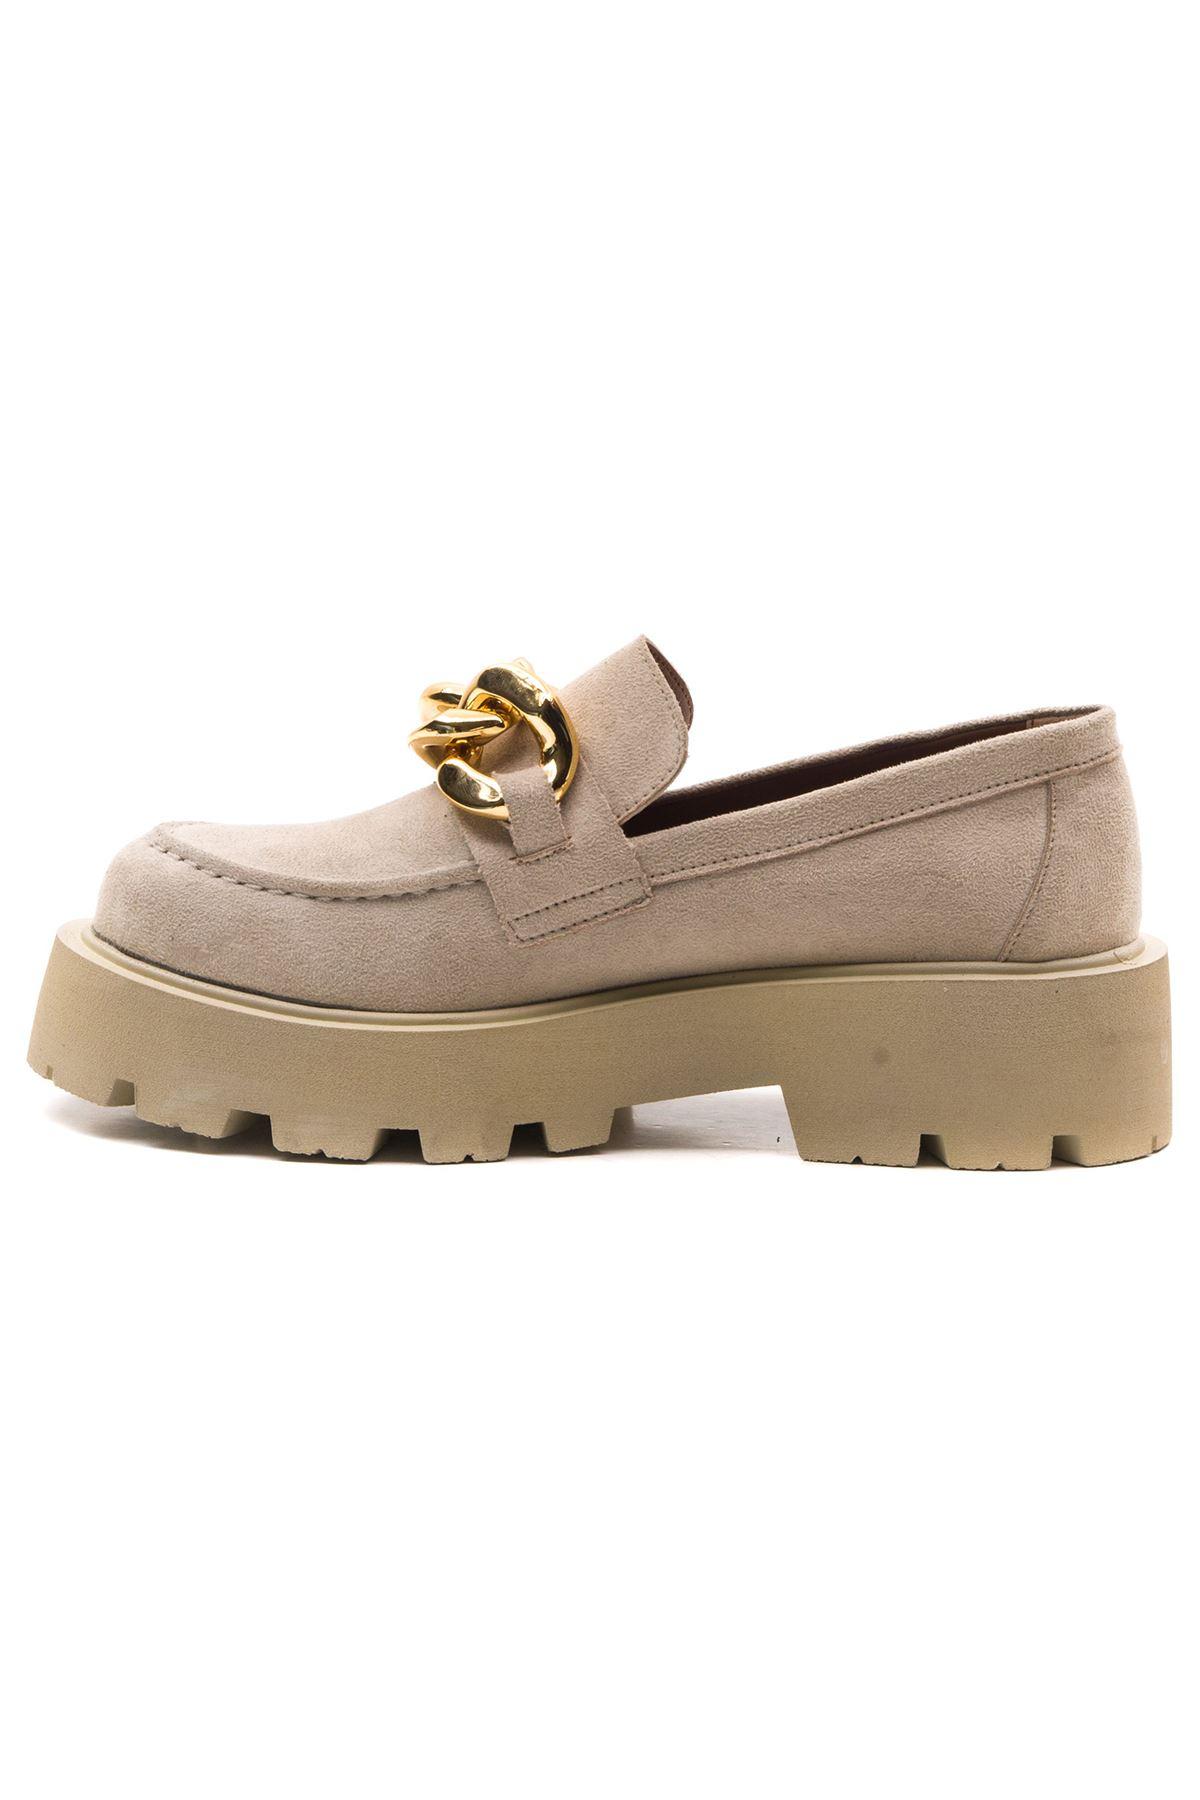 Ezra Kadın Ayakkabı Bej Süet